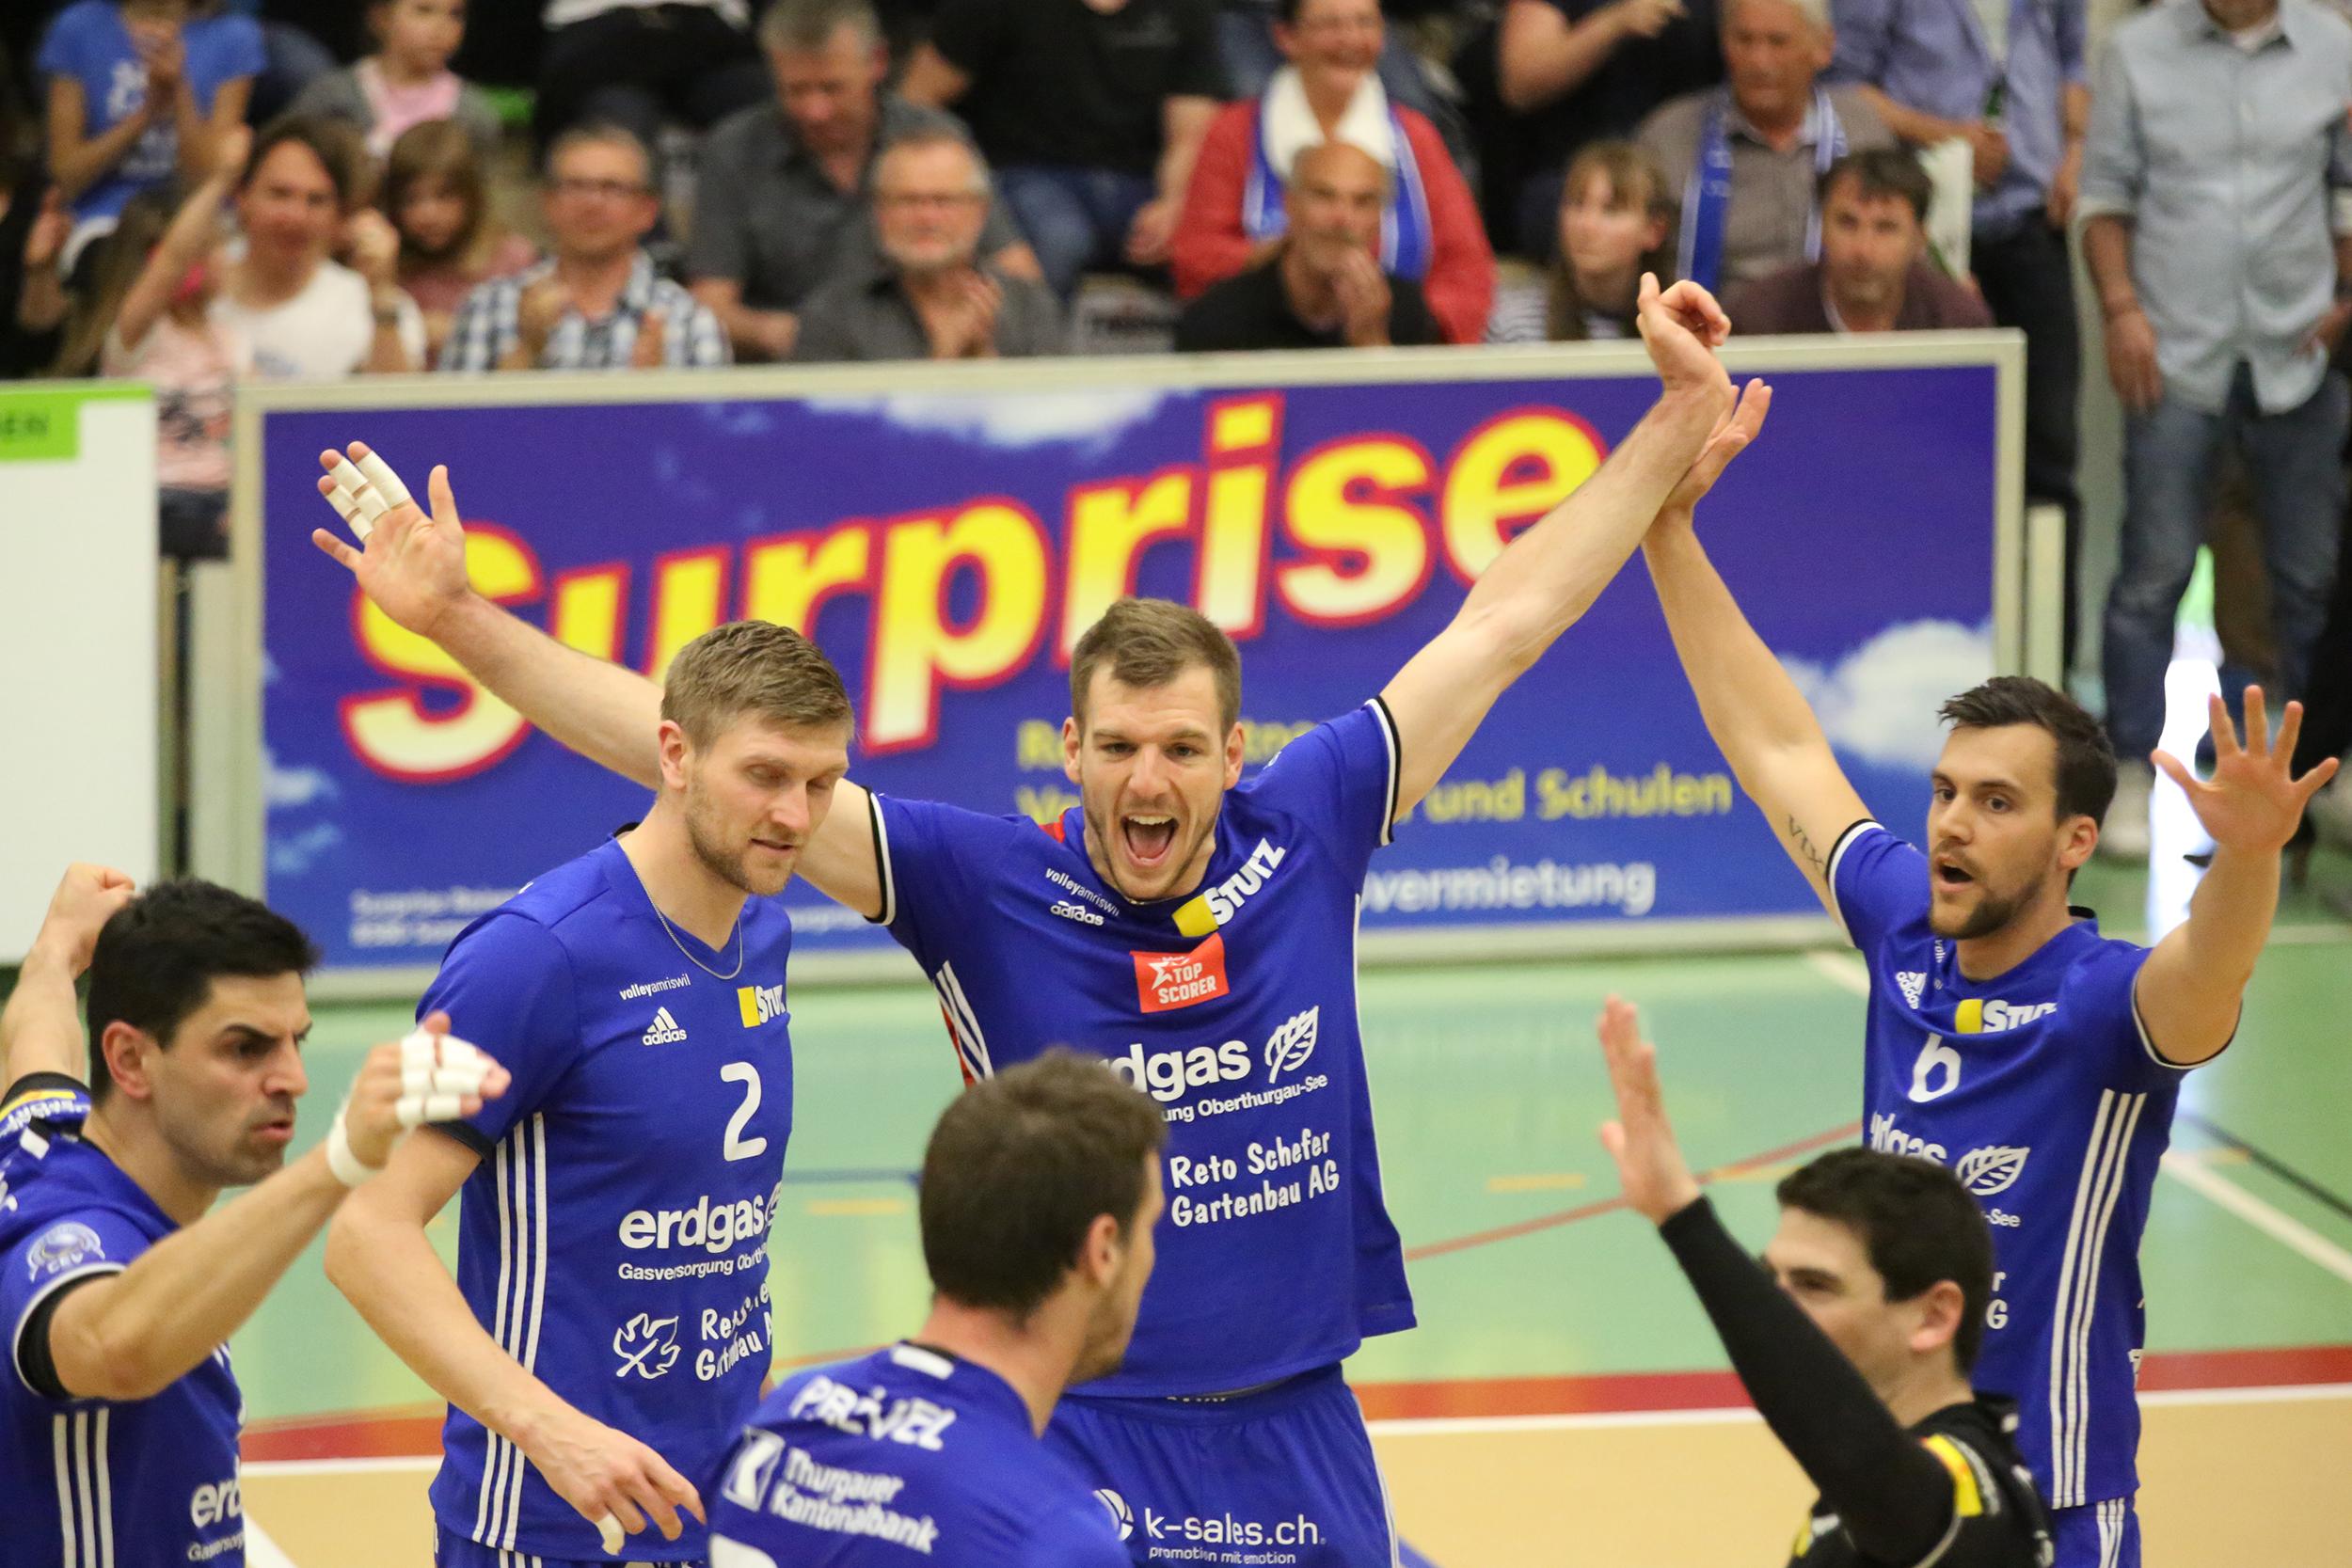 Volley Amriswil gewinnt auch das zweite Spiel